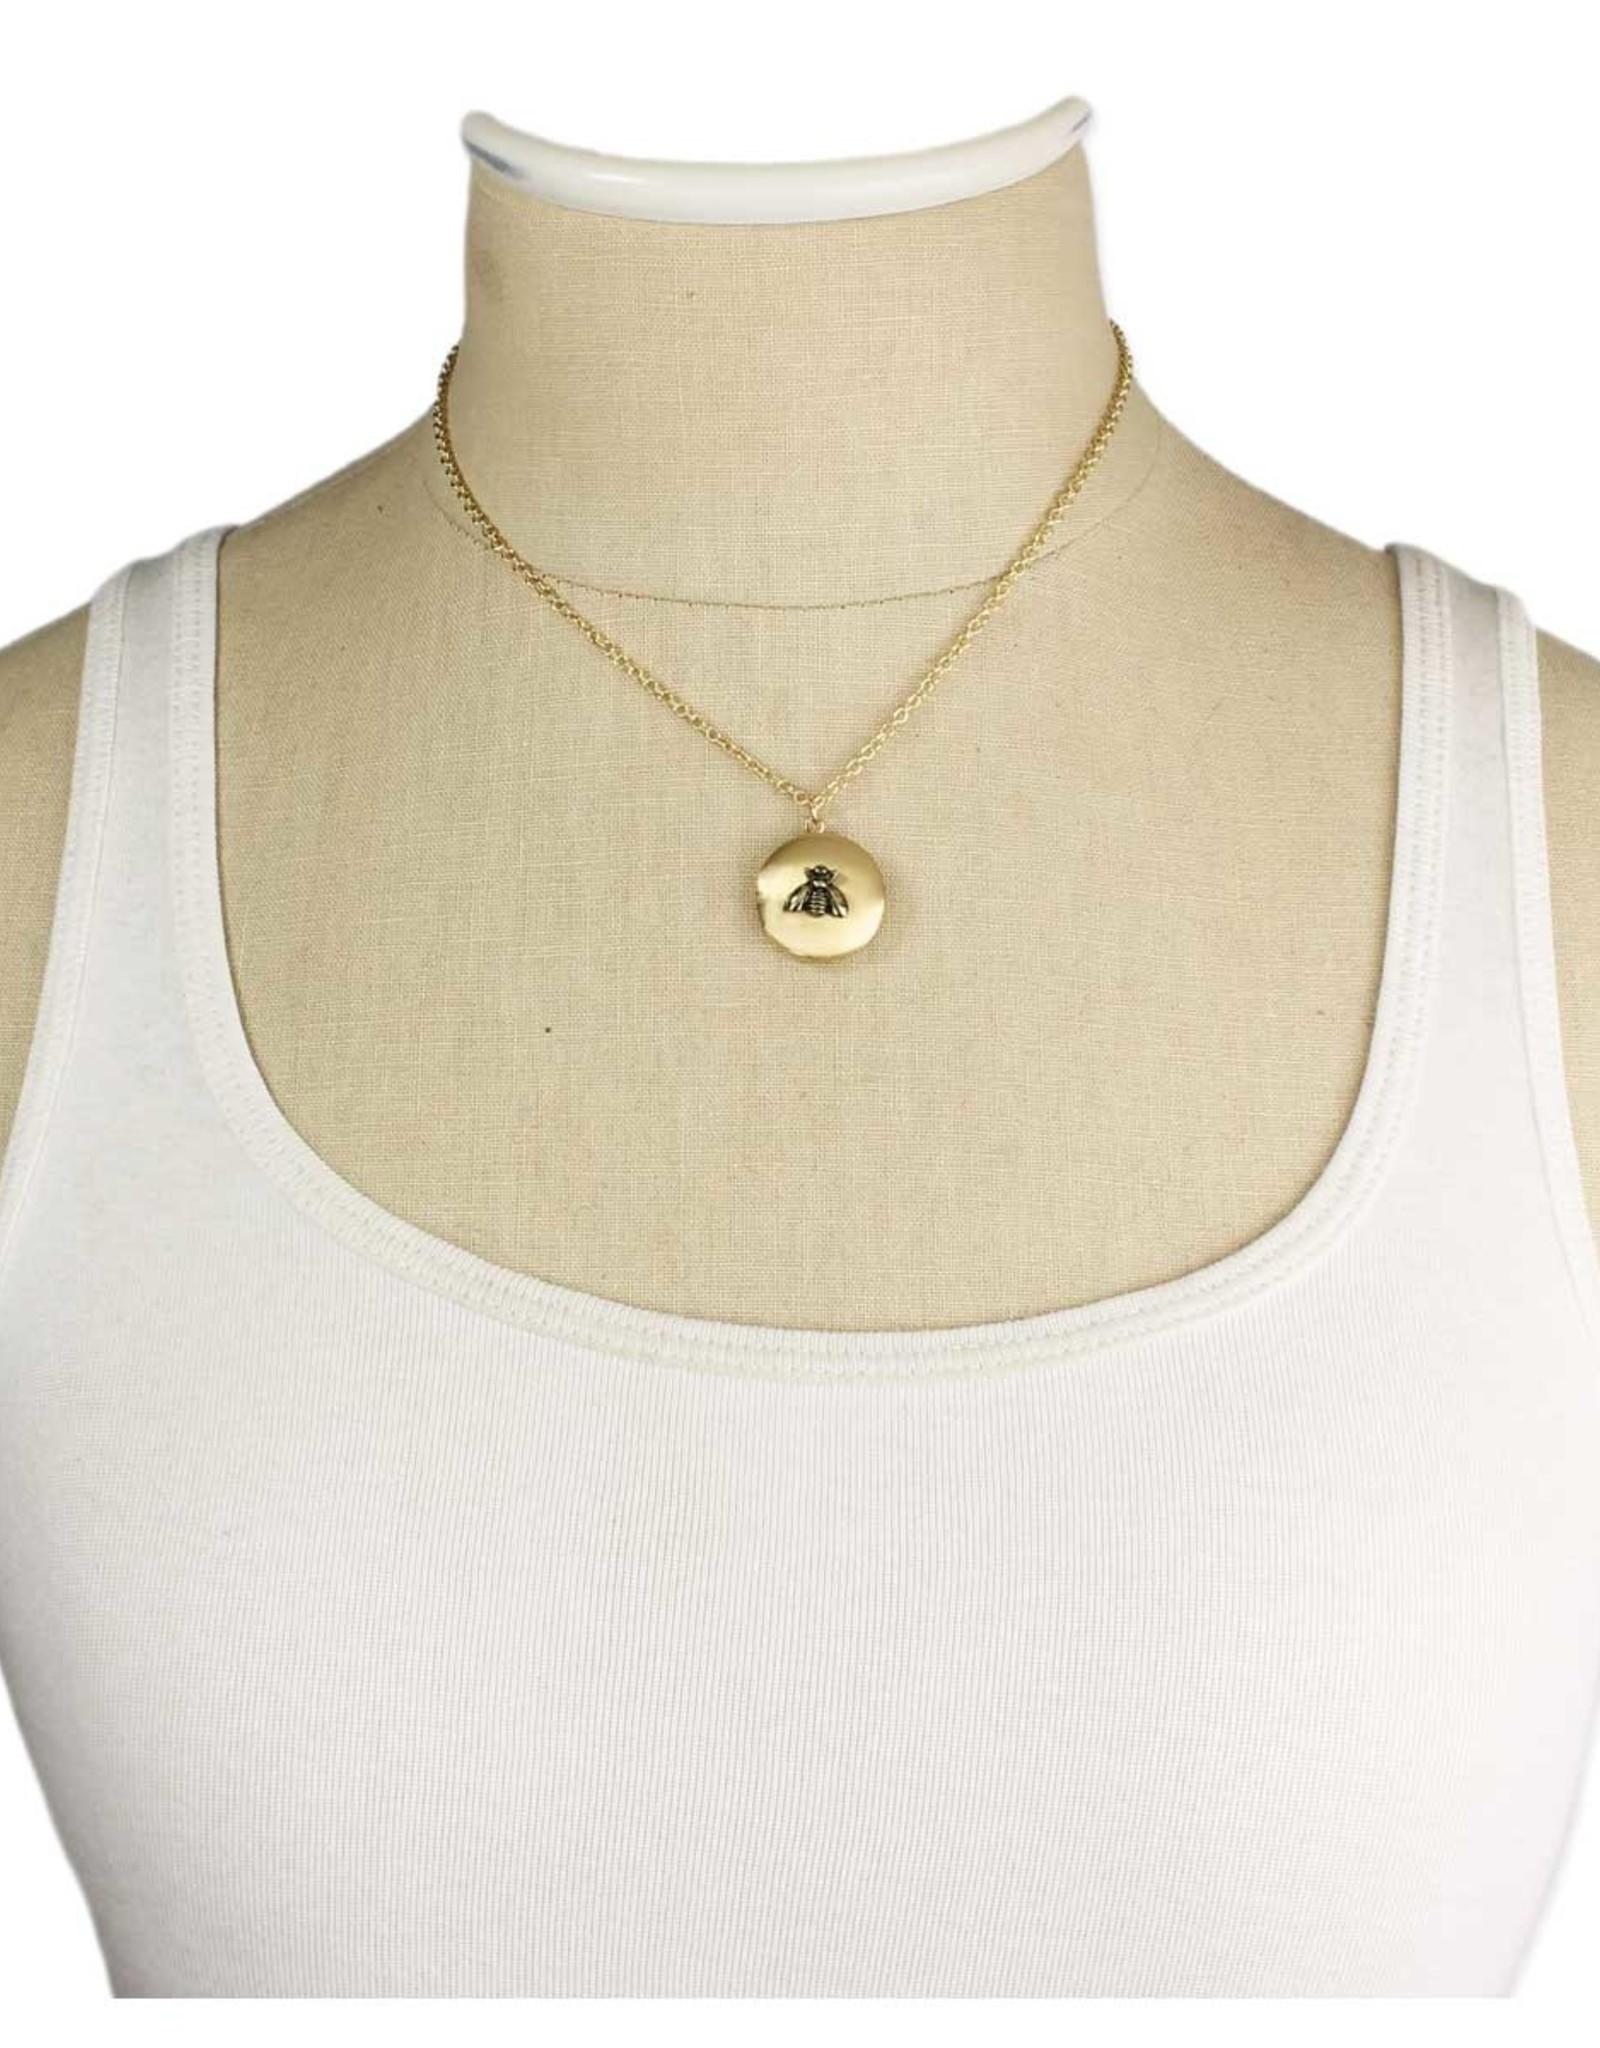 Golden Bee Locket Necklace